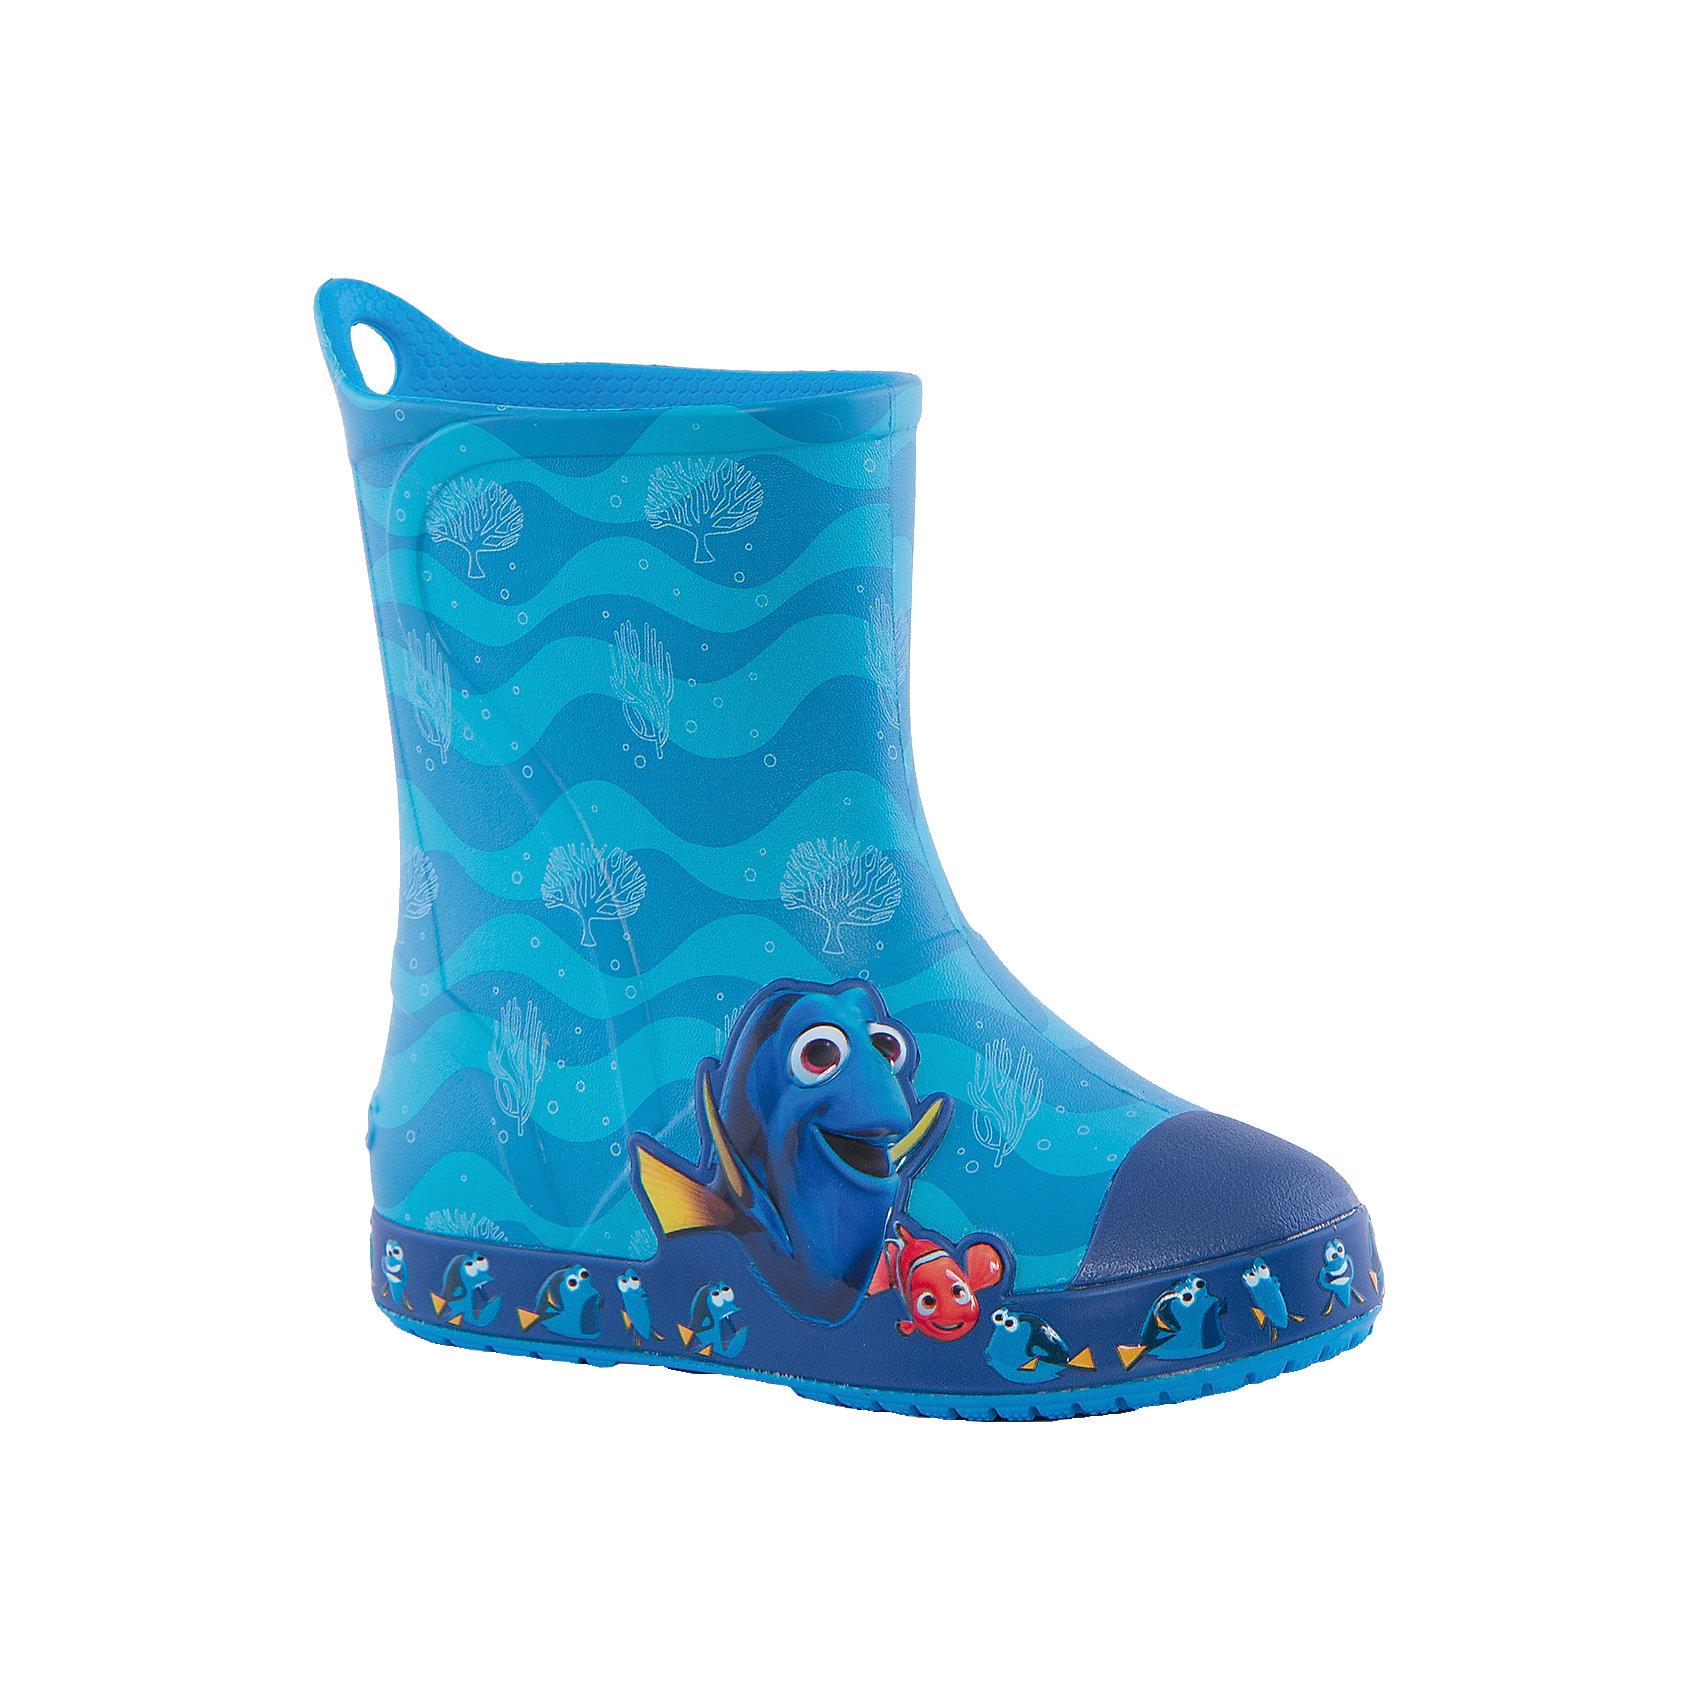 Резиновые сапоги Bump It Finding Dory Boot Crocs, голубой